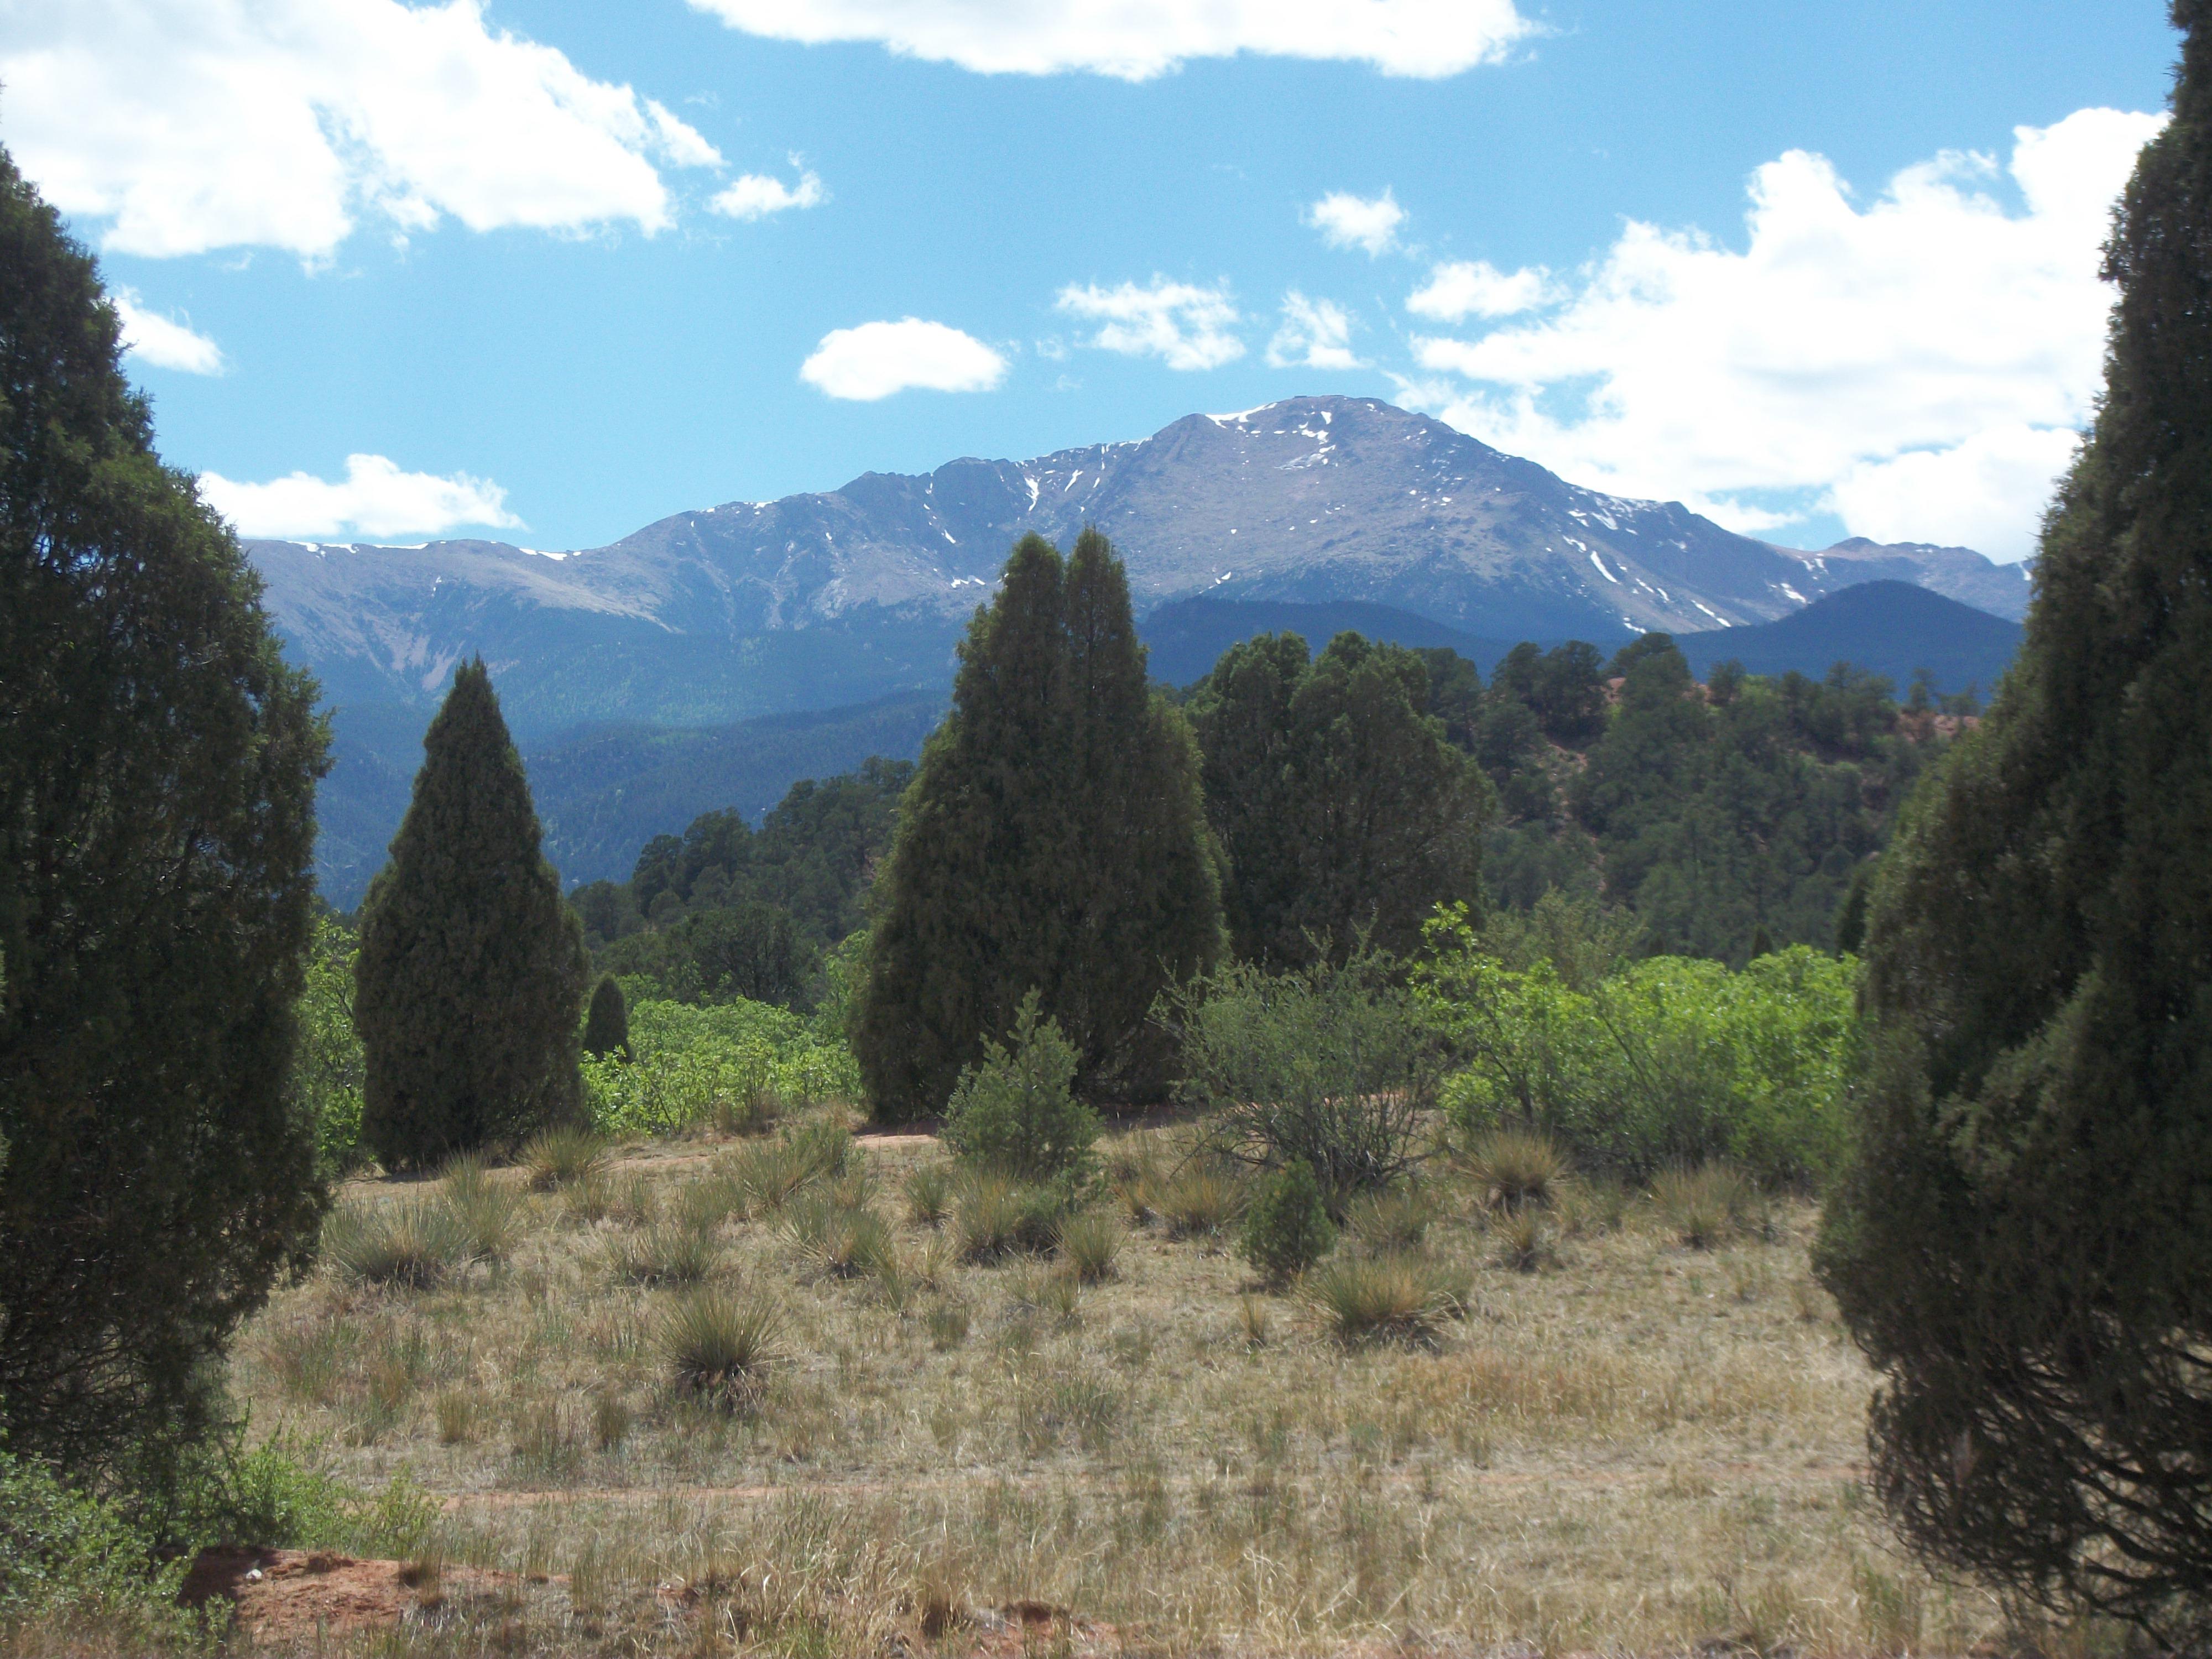 Pikes Peak, Colorado Springs, CO